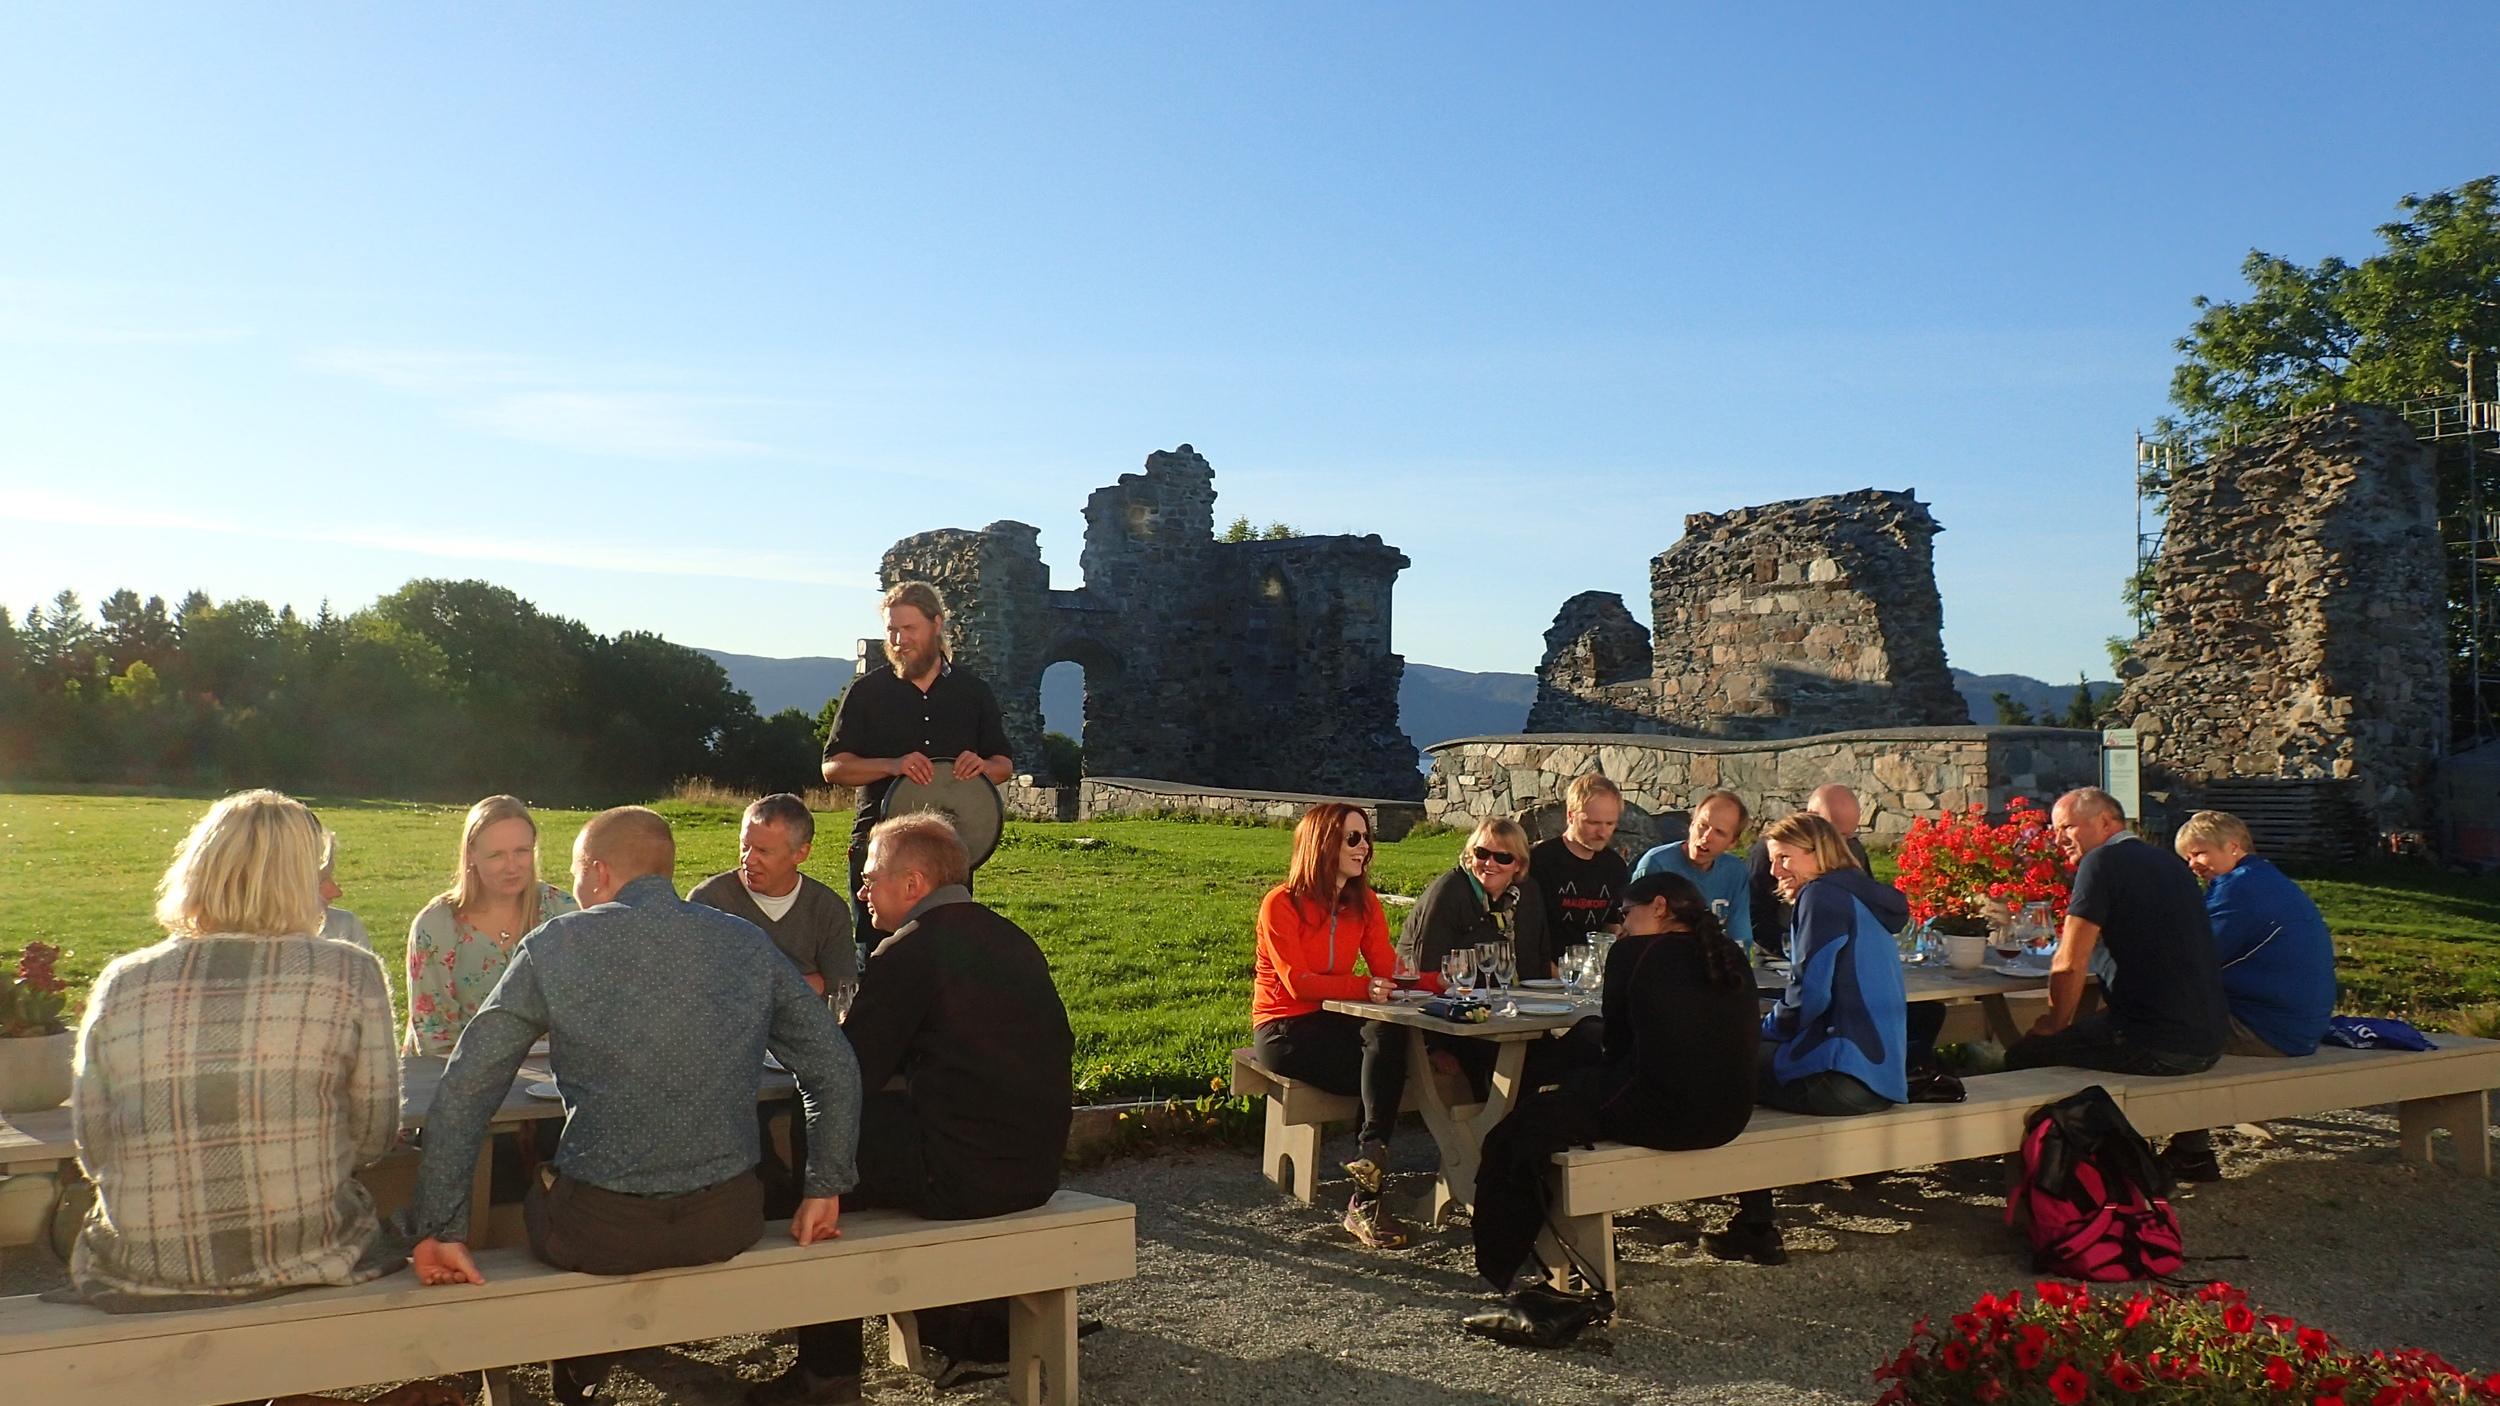 Beer tasting by the ruins.